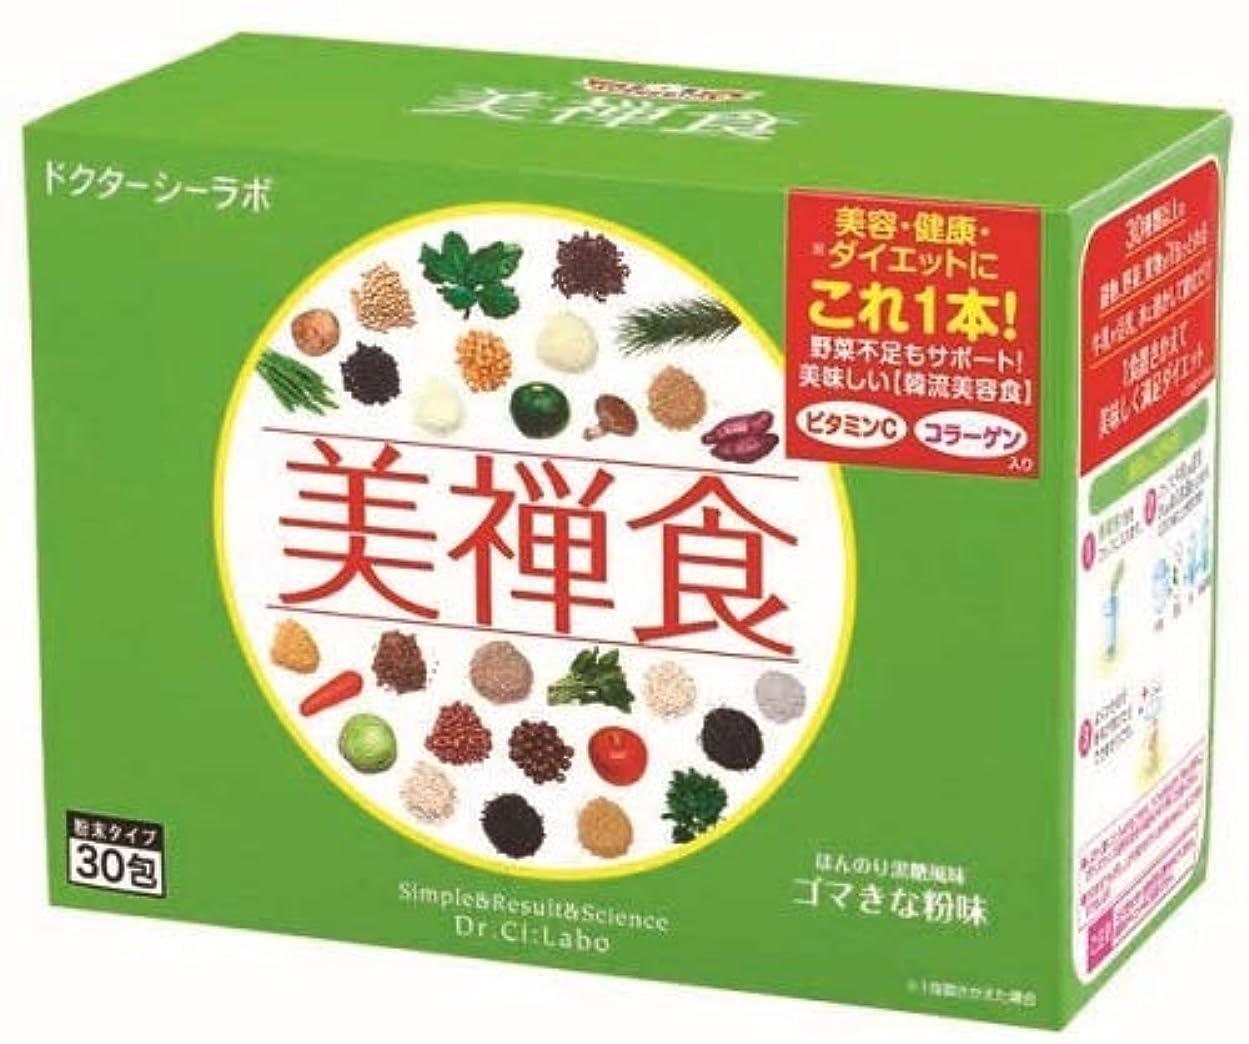 陪審調整前提条件ドクターシーラボ 美禅食 (15.4g×30包) 2箱セット